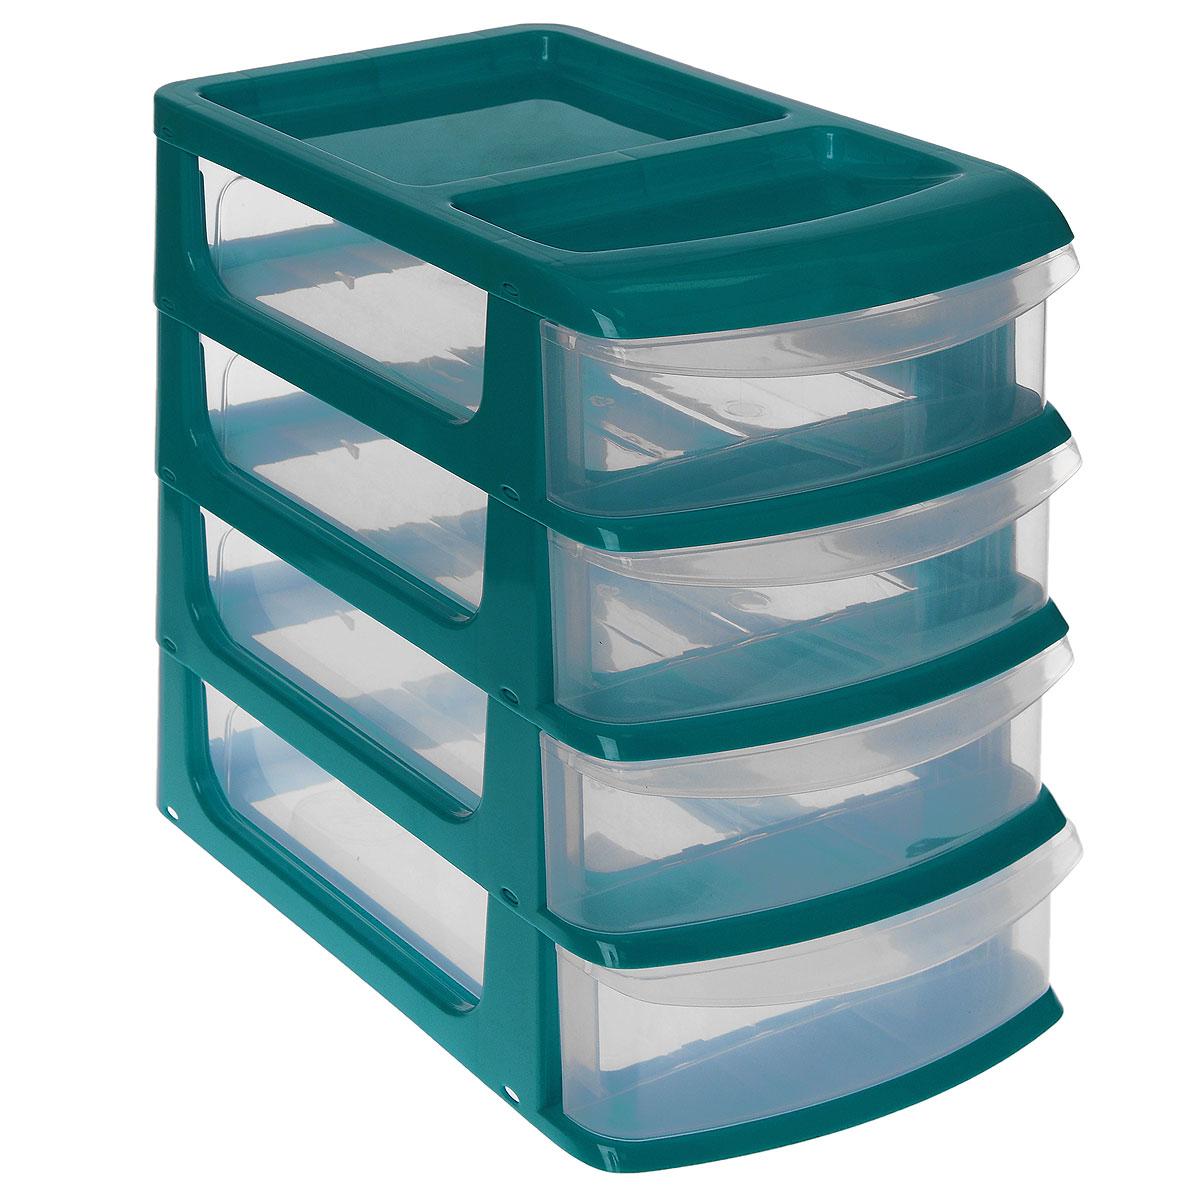 Бокс универсальный Idea, 4 секции, цвет: бирюзовый, прозрачный, 24,5 см х 17,5 см х 27 смМ 2766 бирюзовыйУниверсальный бокс Idea выполнен из высококачественного пластика и имеет четыре удобные выдвижные секции. Бокс предназначен для хранения предметов шитья, рукоделия, хобби и всех необходимых мелочей. Изделие позволит компактно хранить вещи, поддерживая порядок и уют в вашем доме.